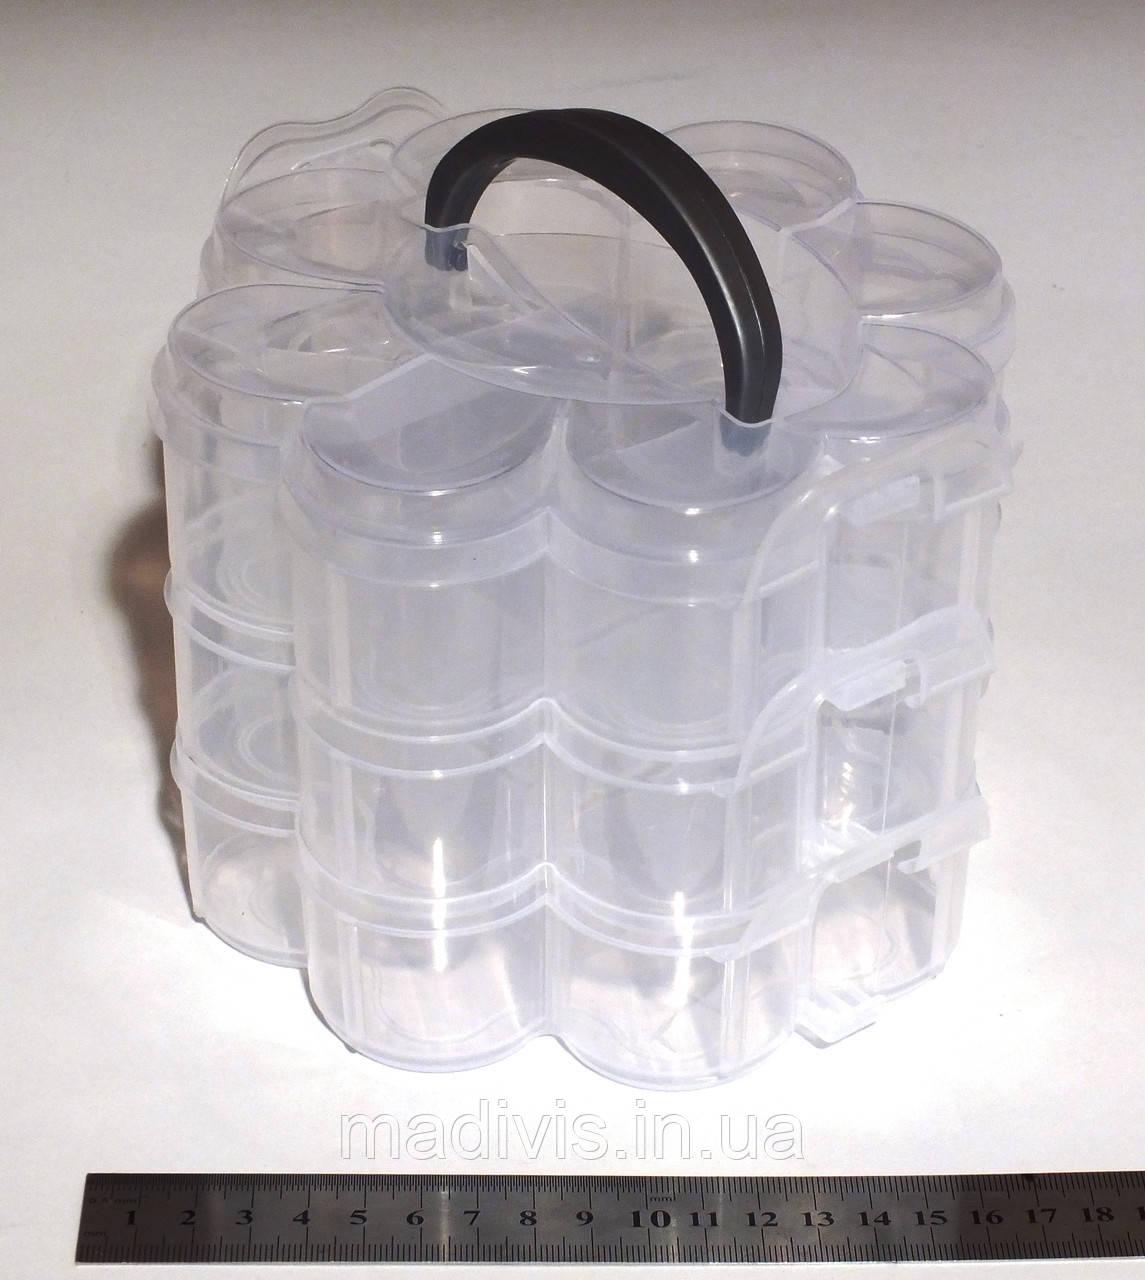 """Бокс органайзер для рукоделия прозрачный  """"Цветок"""" (15 отделении). 16 х 15 х 13 см."""